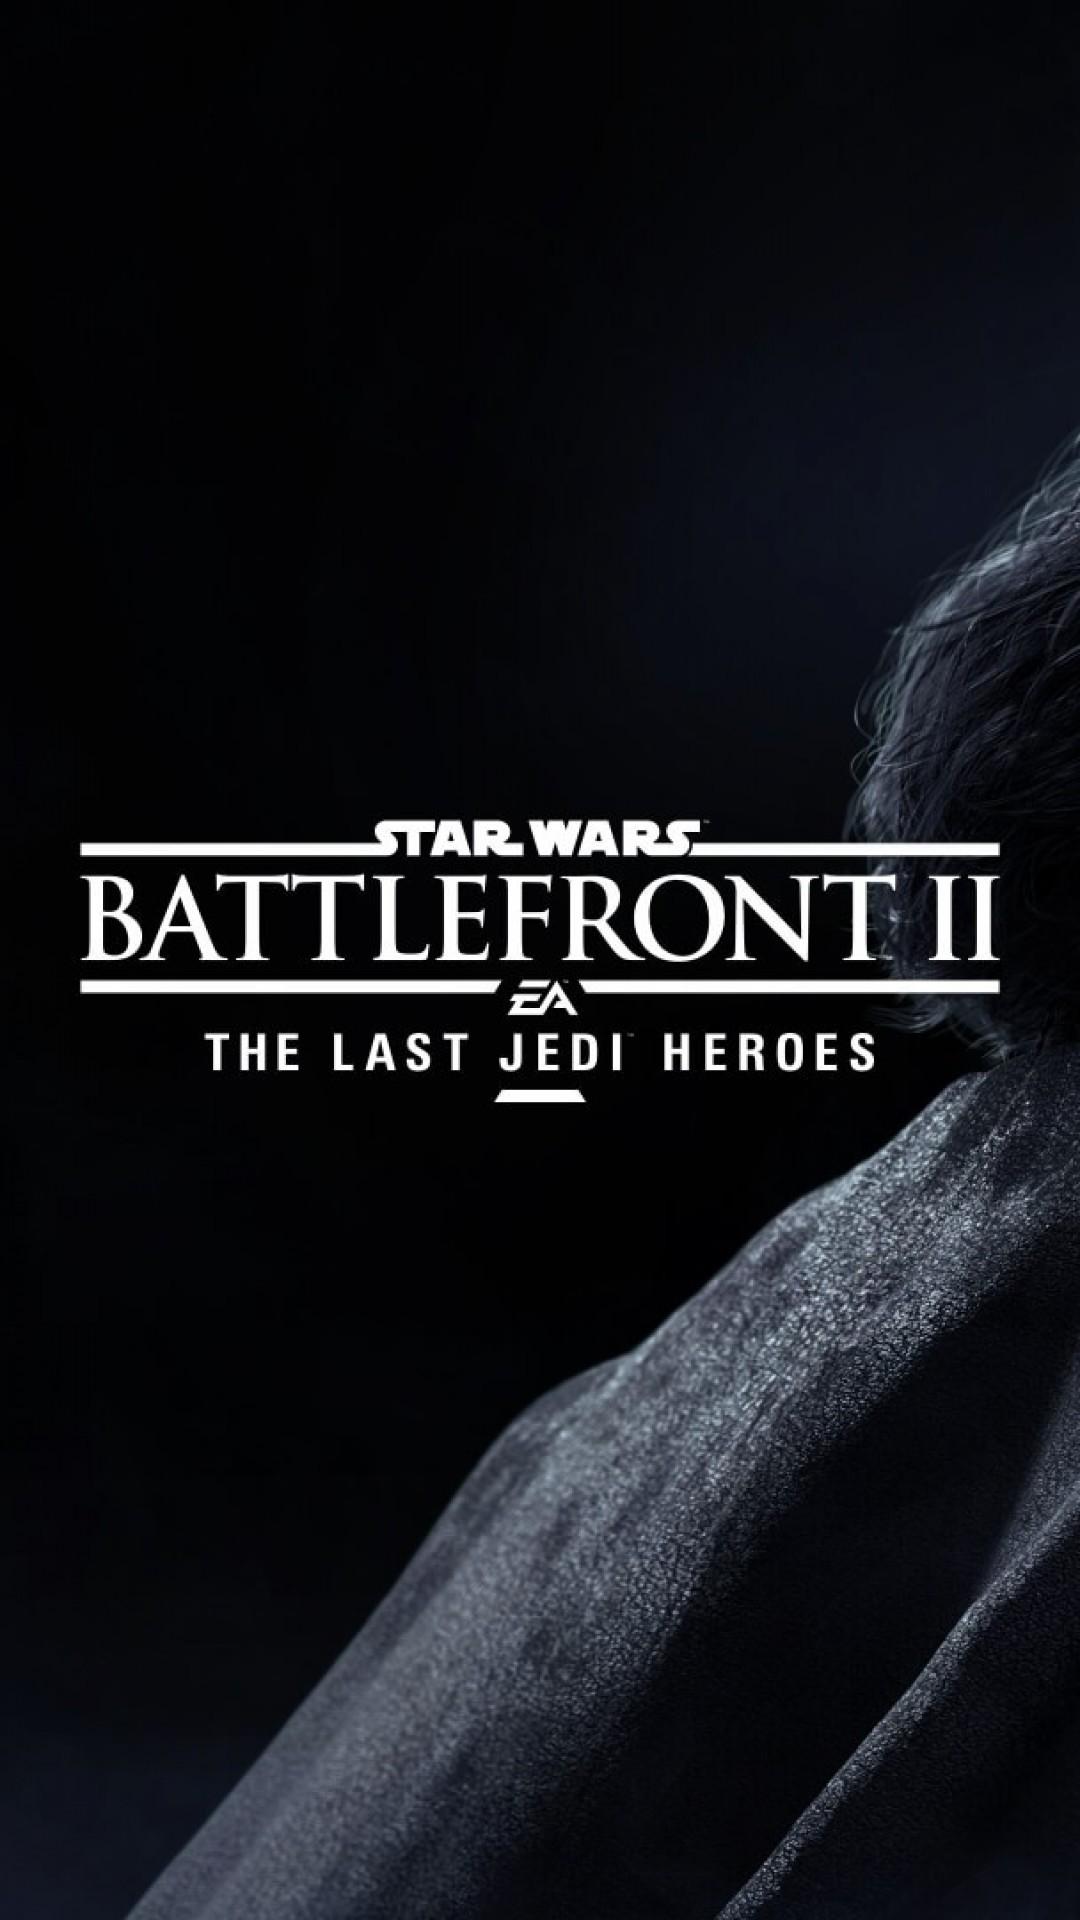 Star Wars Battlefront Ii, Kylo Ren